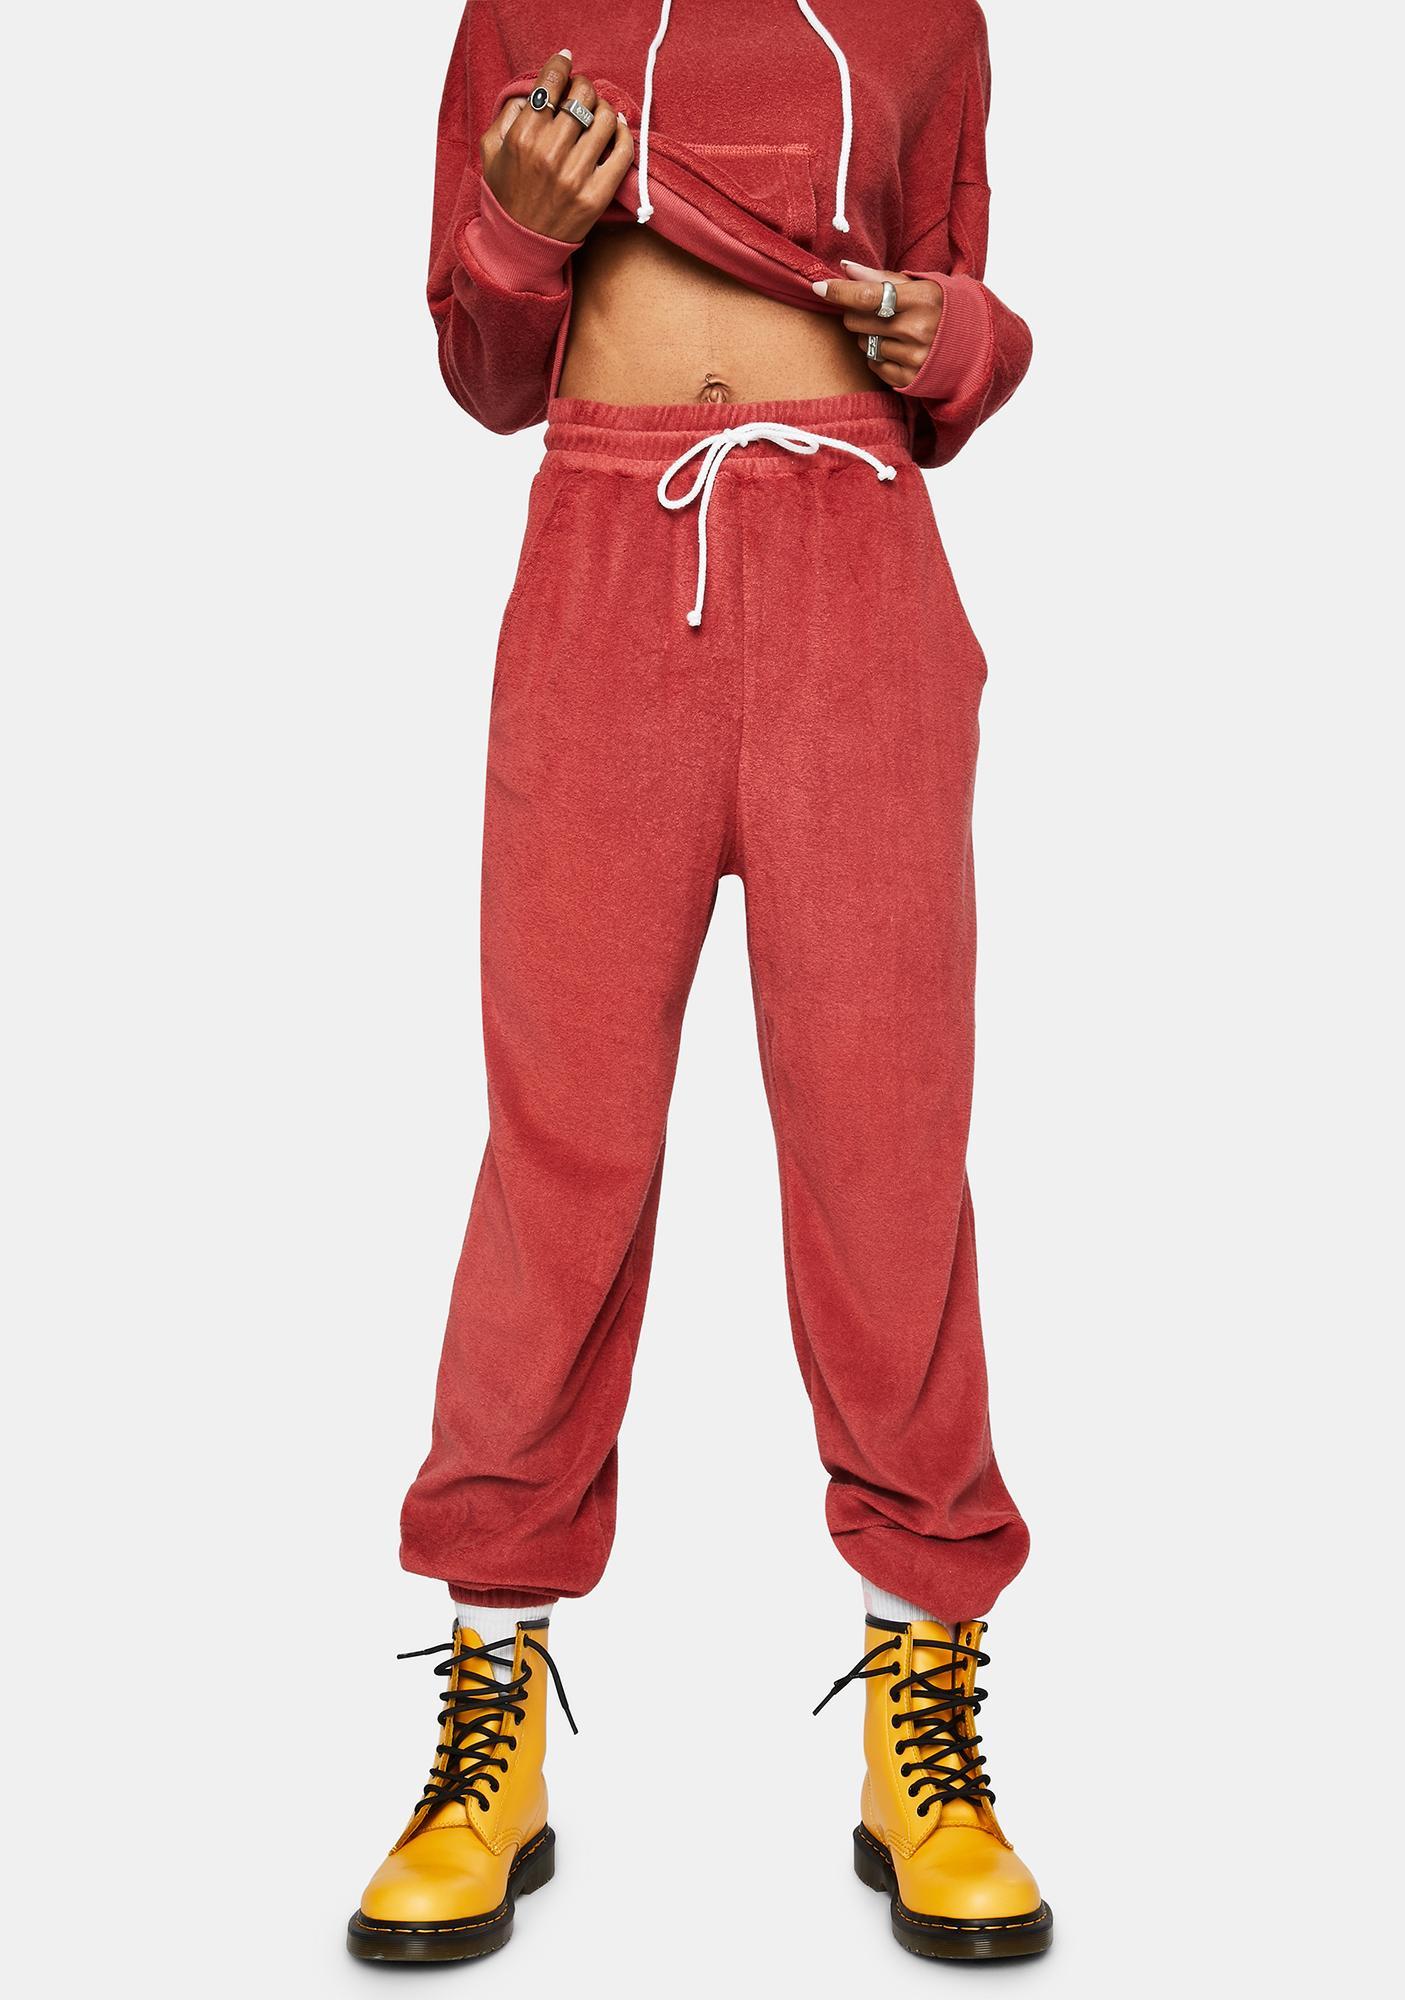 Dippin' Daisy's Cherry Friday Night Pants